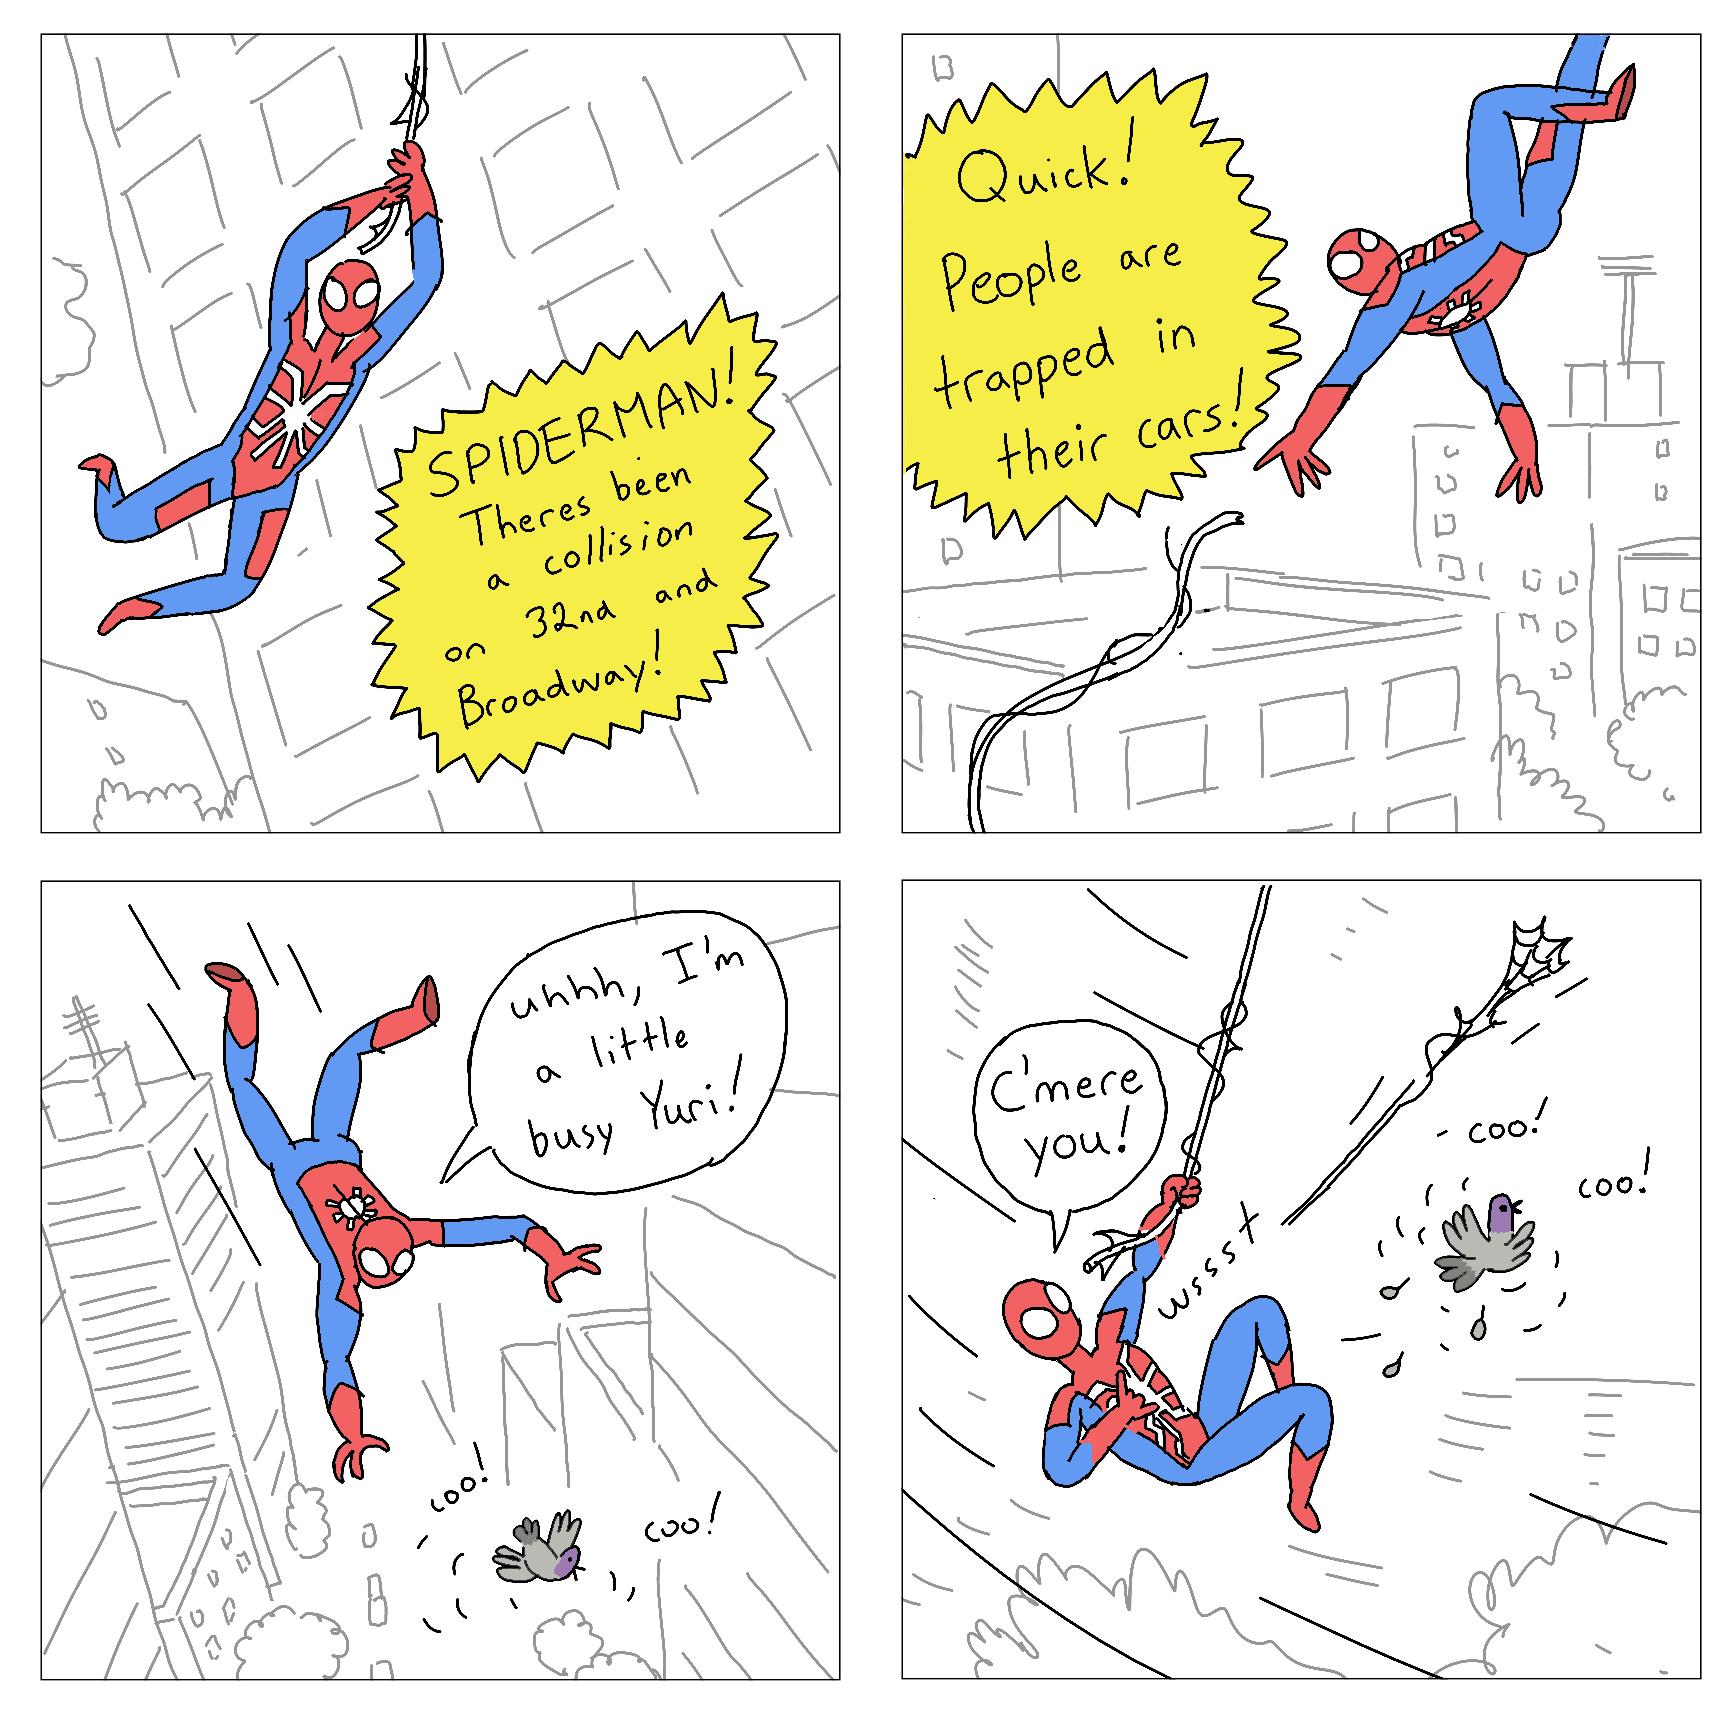 SpidermanPigeons_001.png